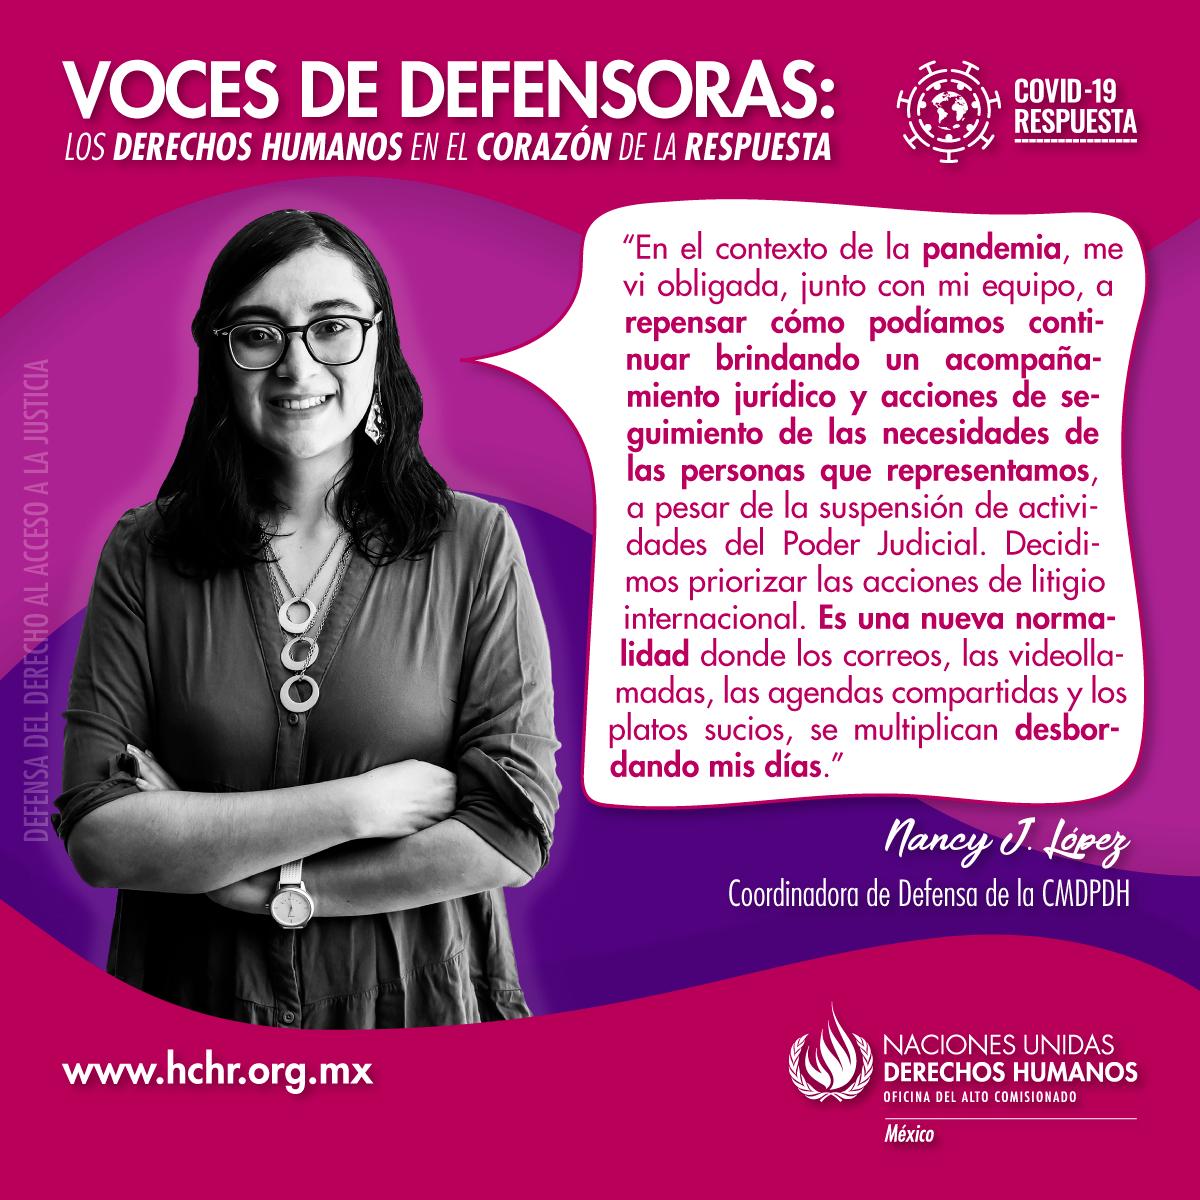 VocesDefensoras_COVID_Nancy